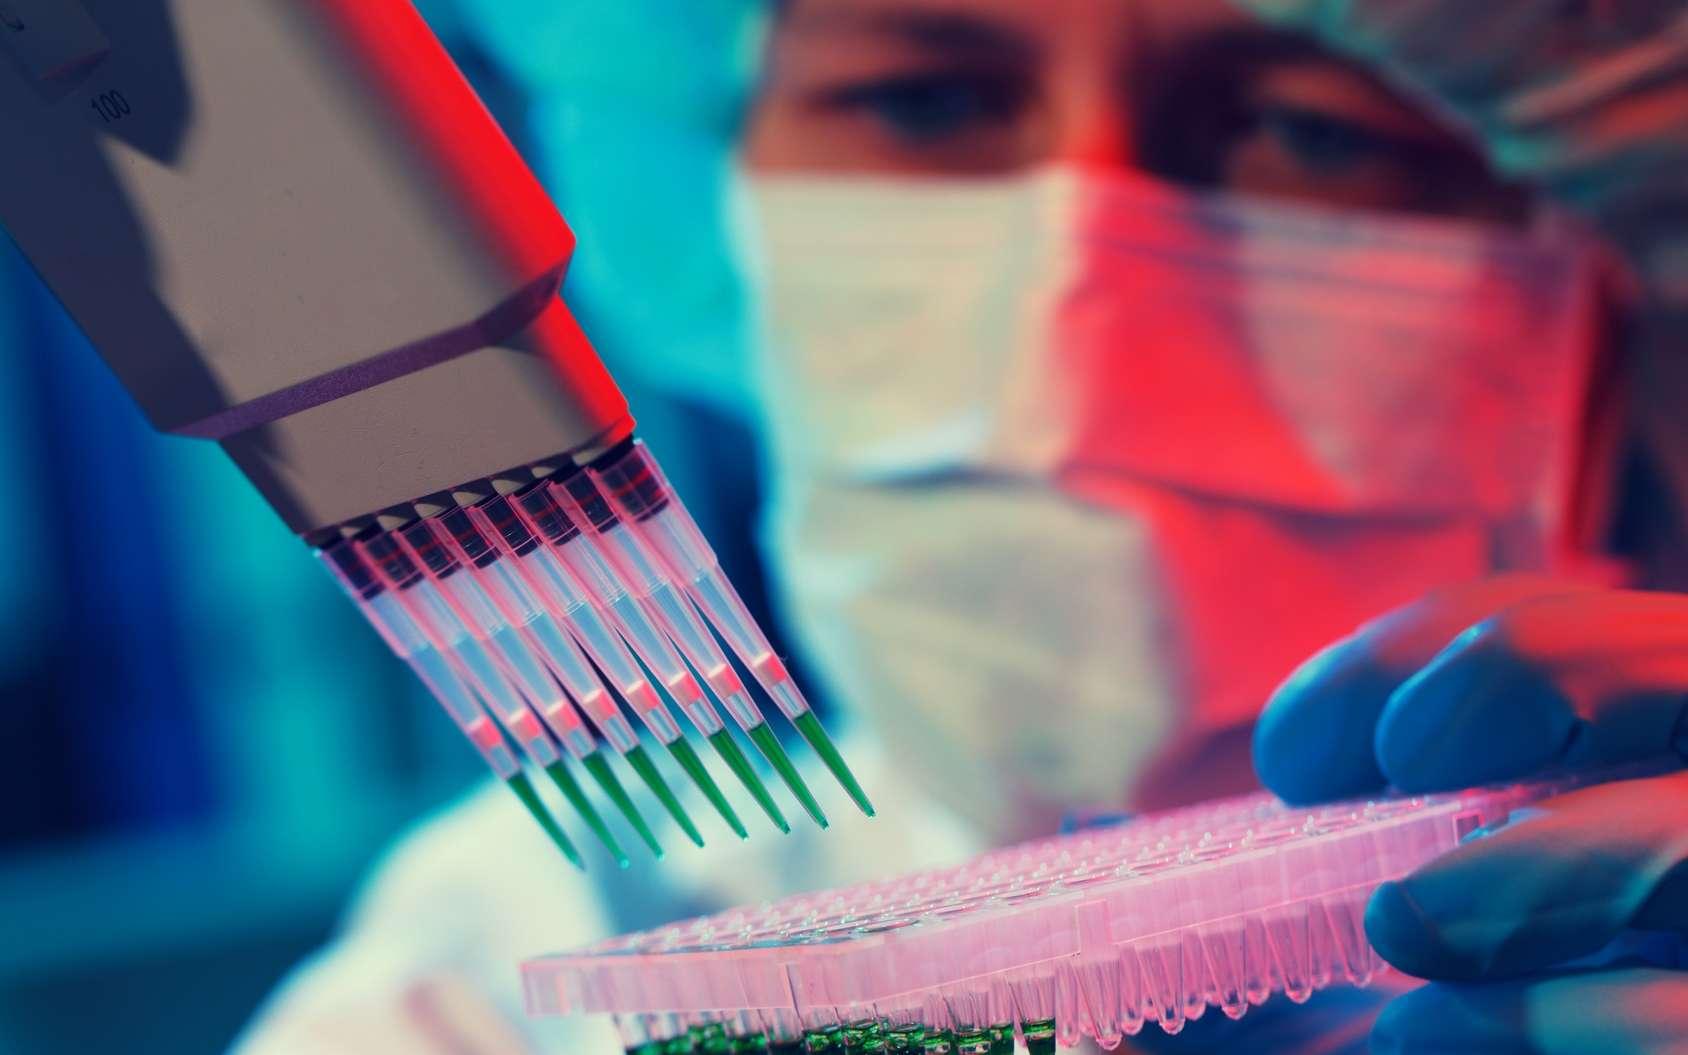 Des chercheurs ont inactivé une protéine qui favorise la division cellulaire. © science photo, Fotolia